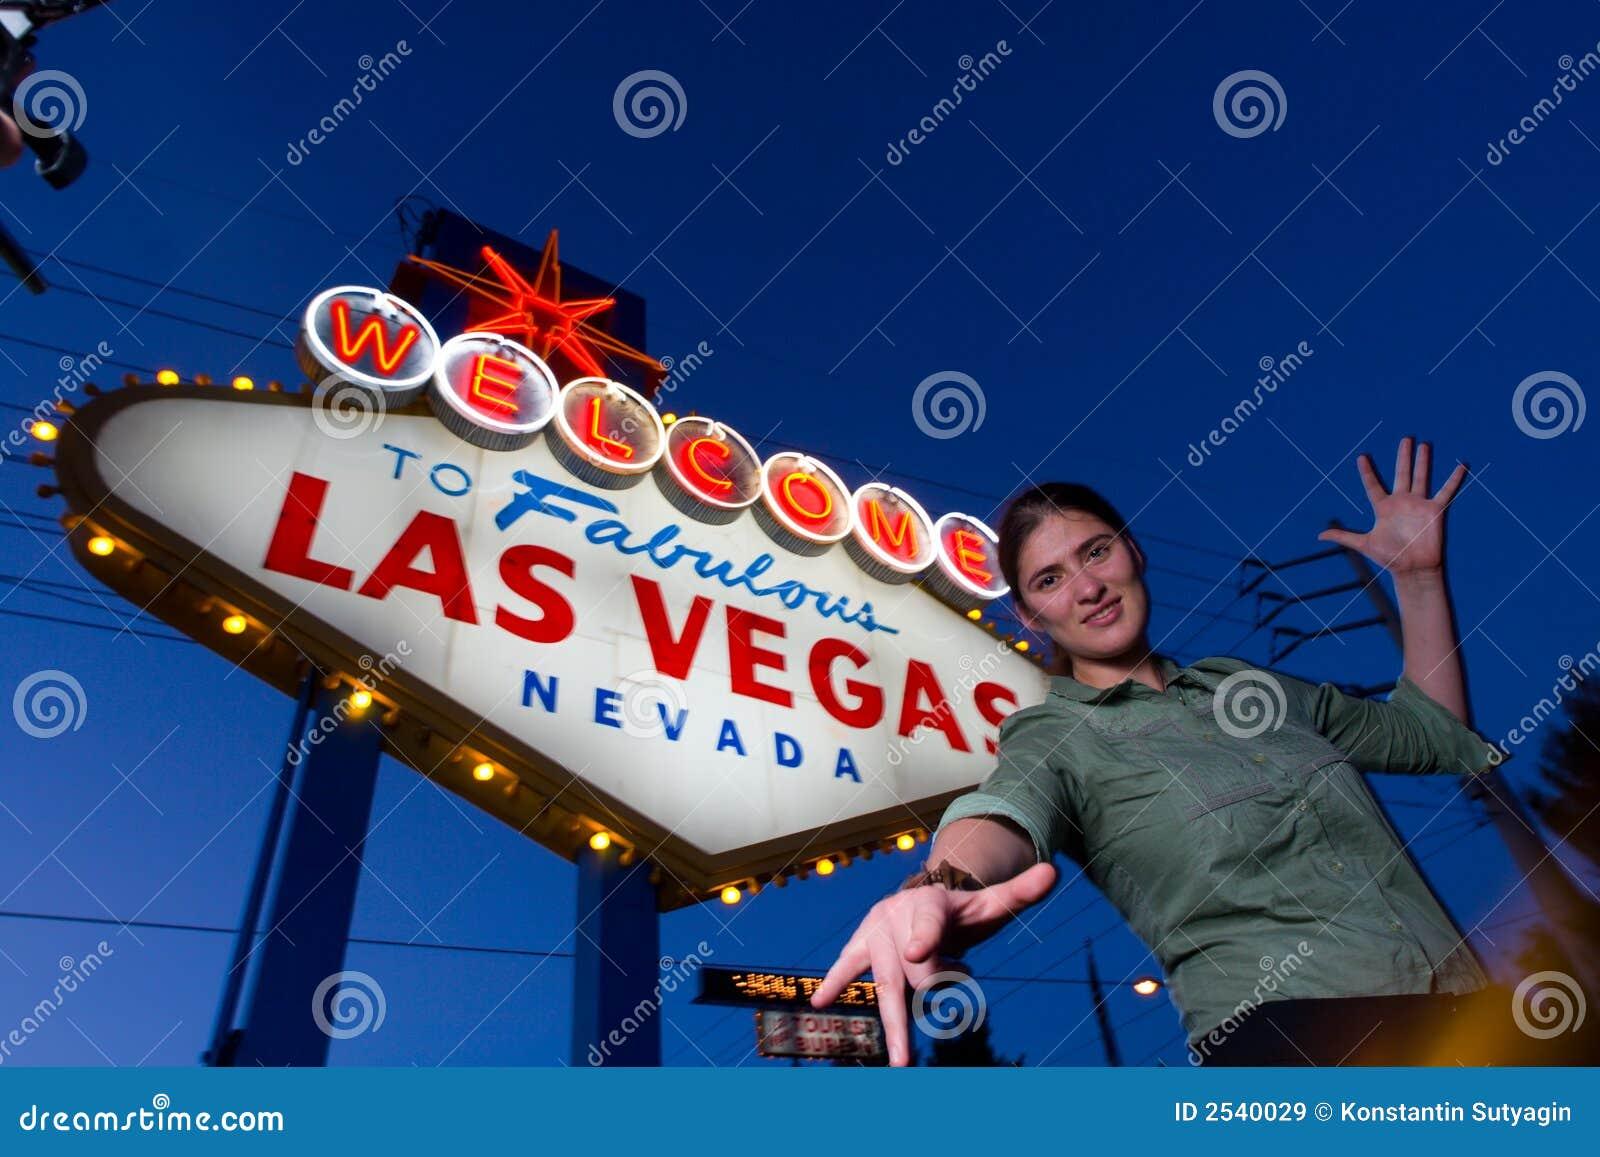 Willkommen nach Las Vegas!